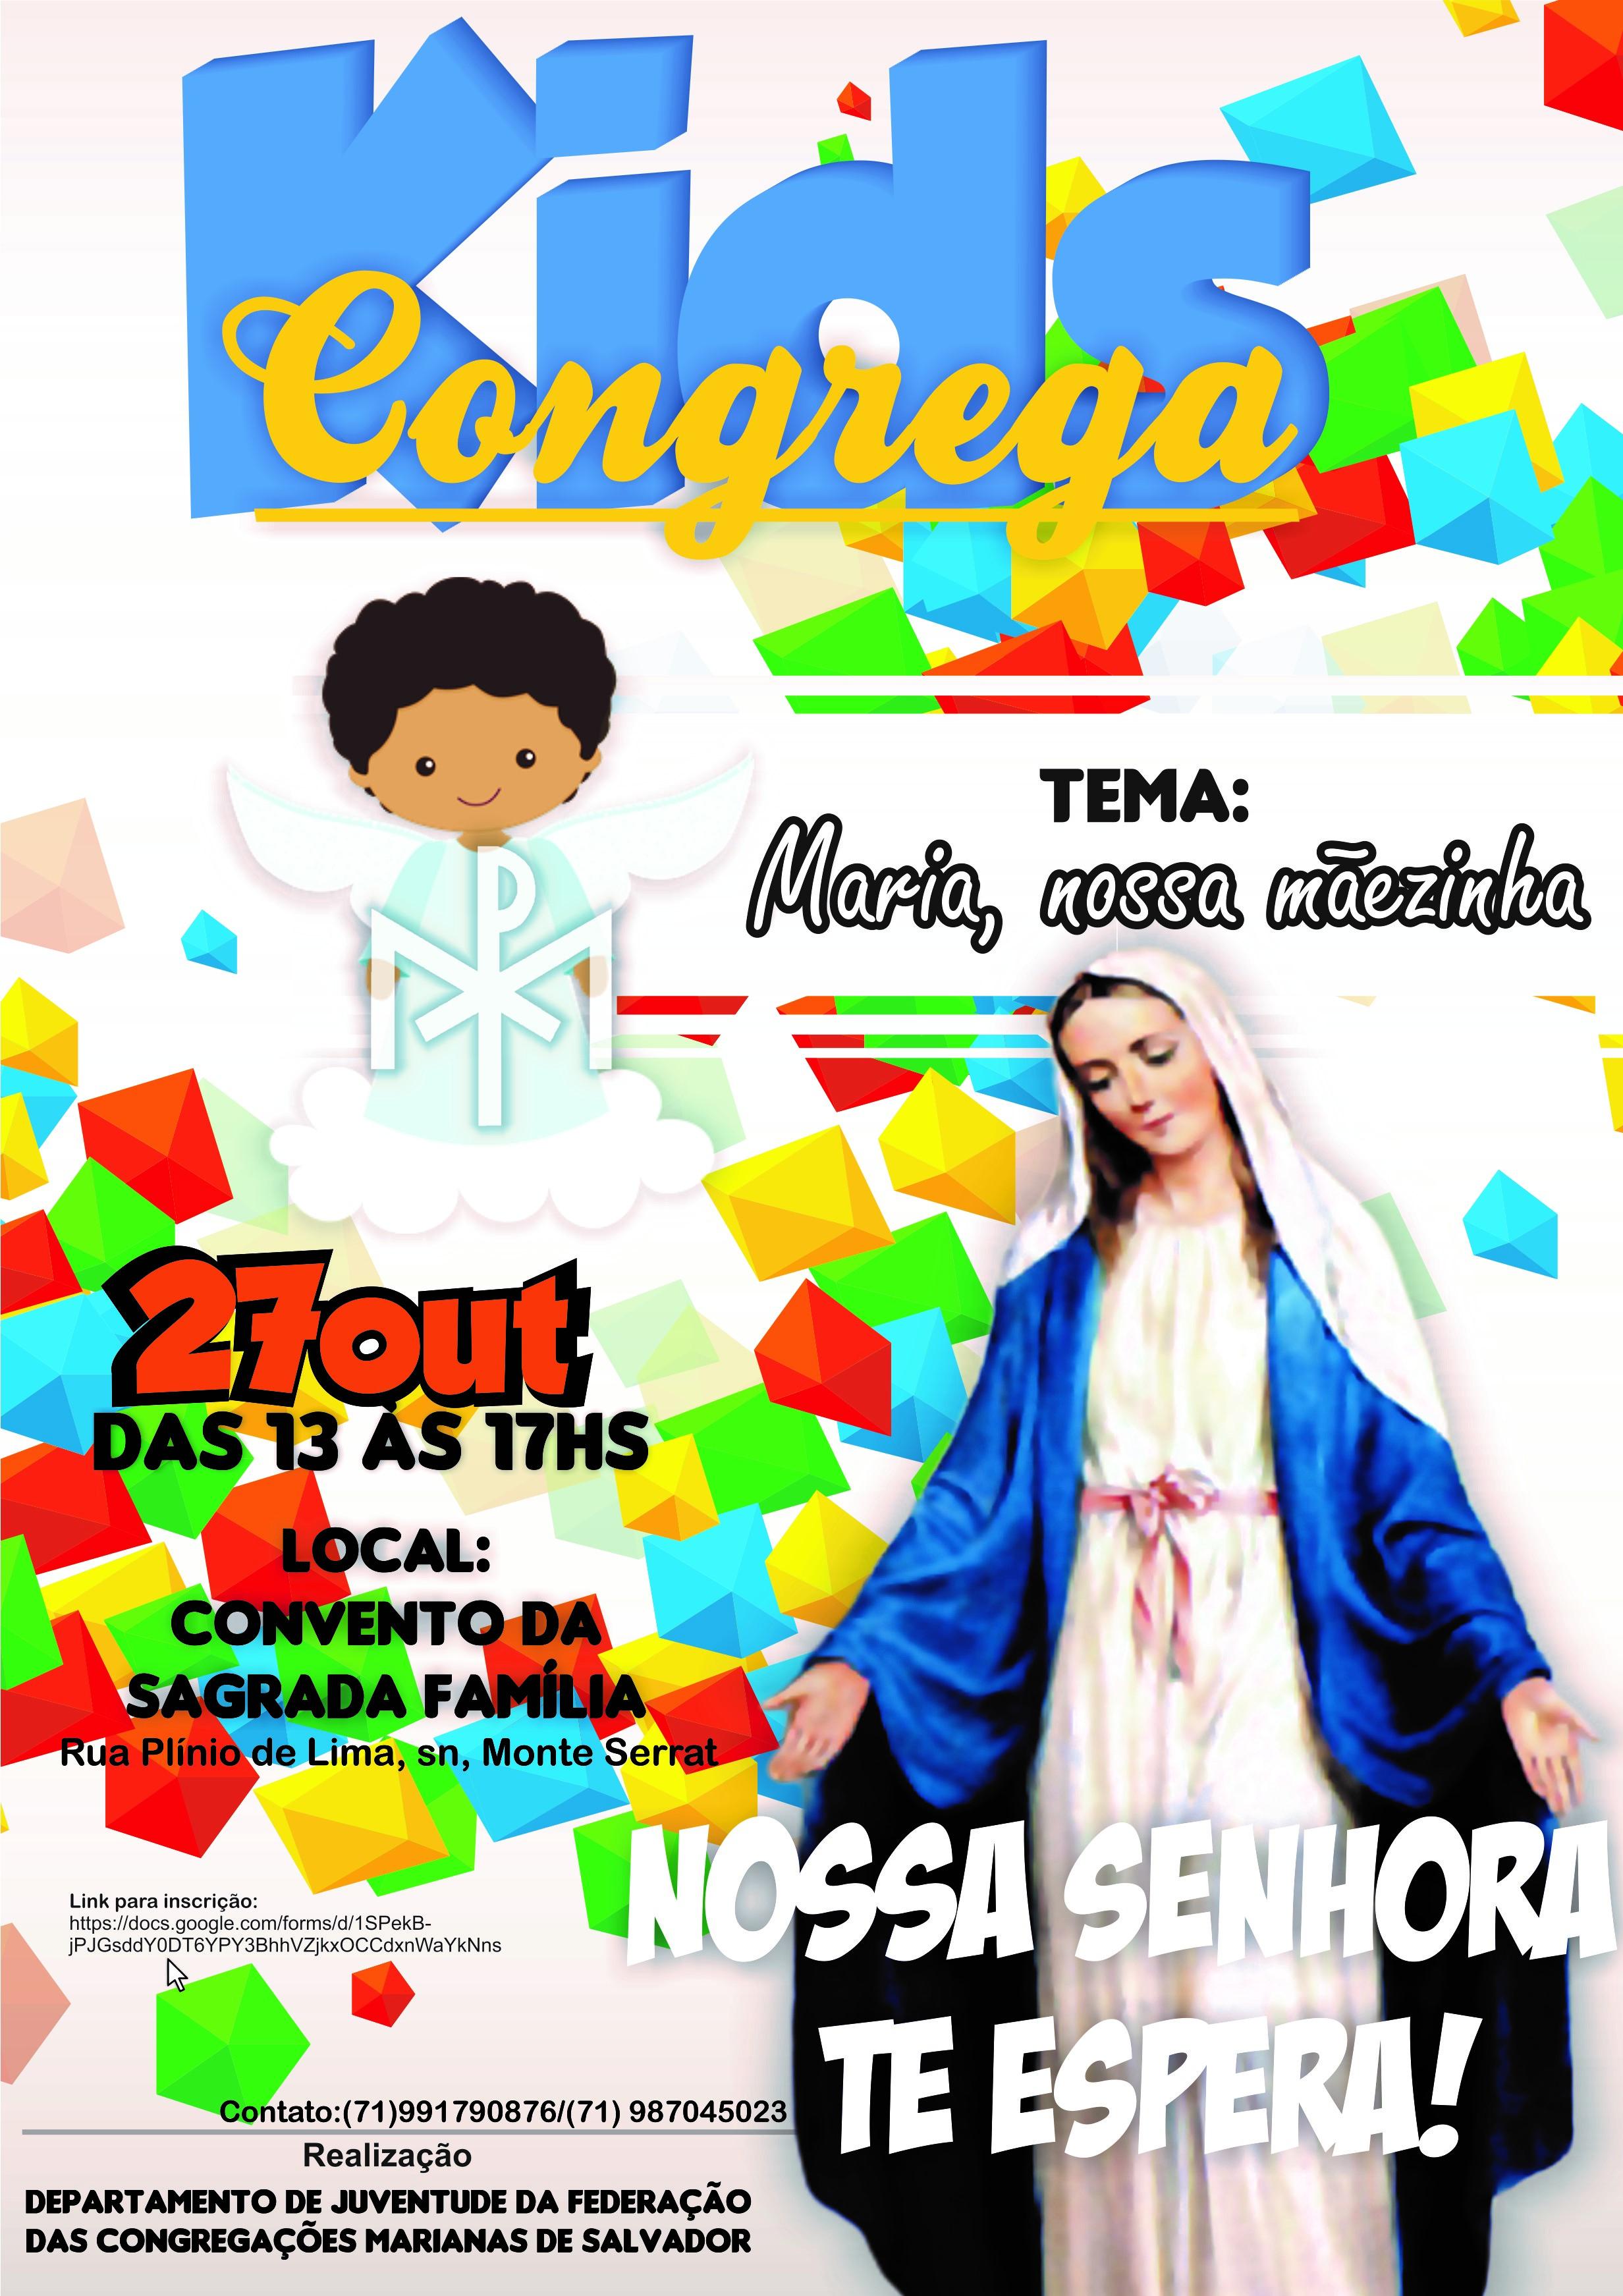 FEDERAÇÃO DAS CONGREGAÇÕES MARIANAS DE SALVADOR REALIZA ENCONTRO PARA AS CRIANÇAS